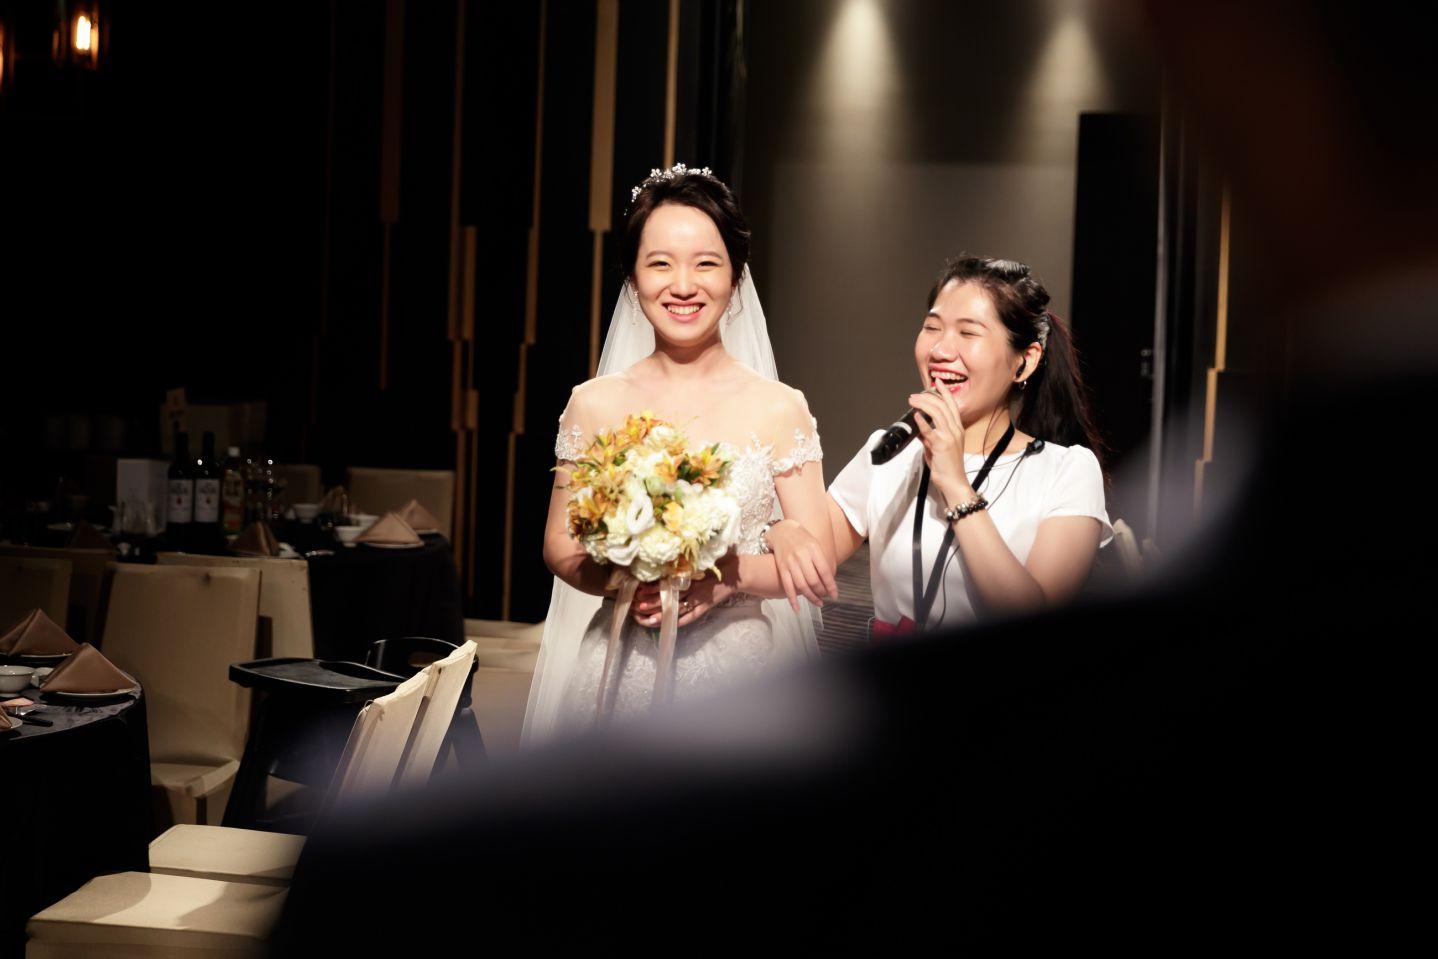 First look,婚攝,婚攝作品,婚禮攝影